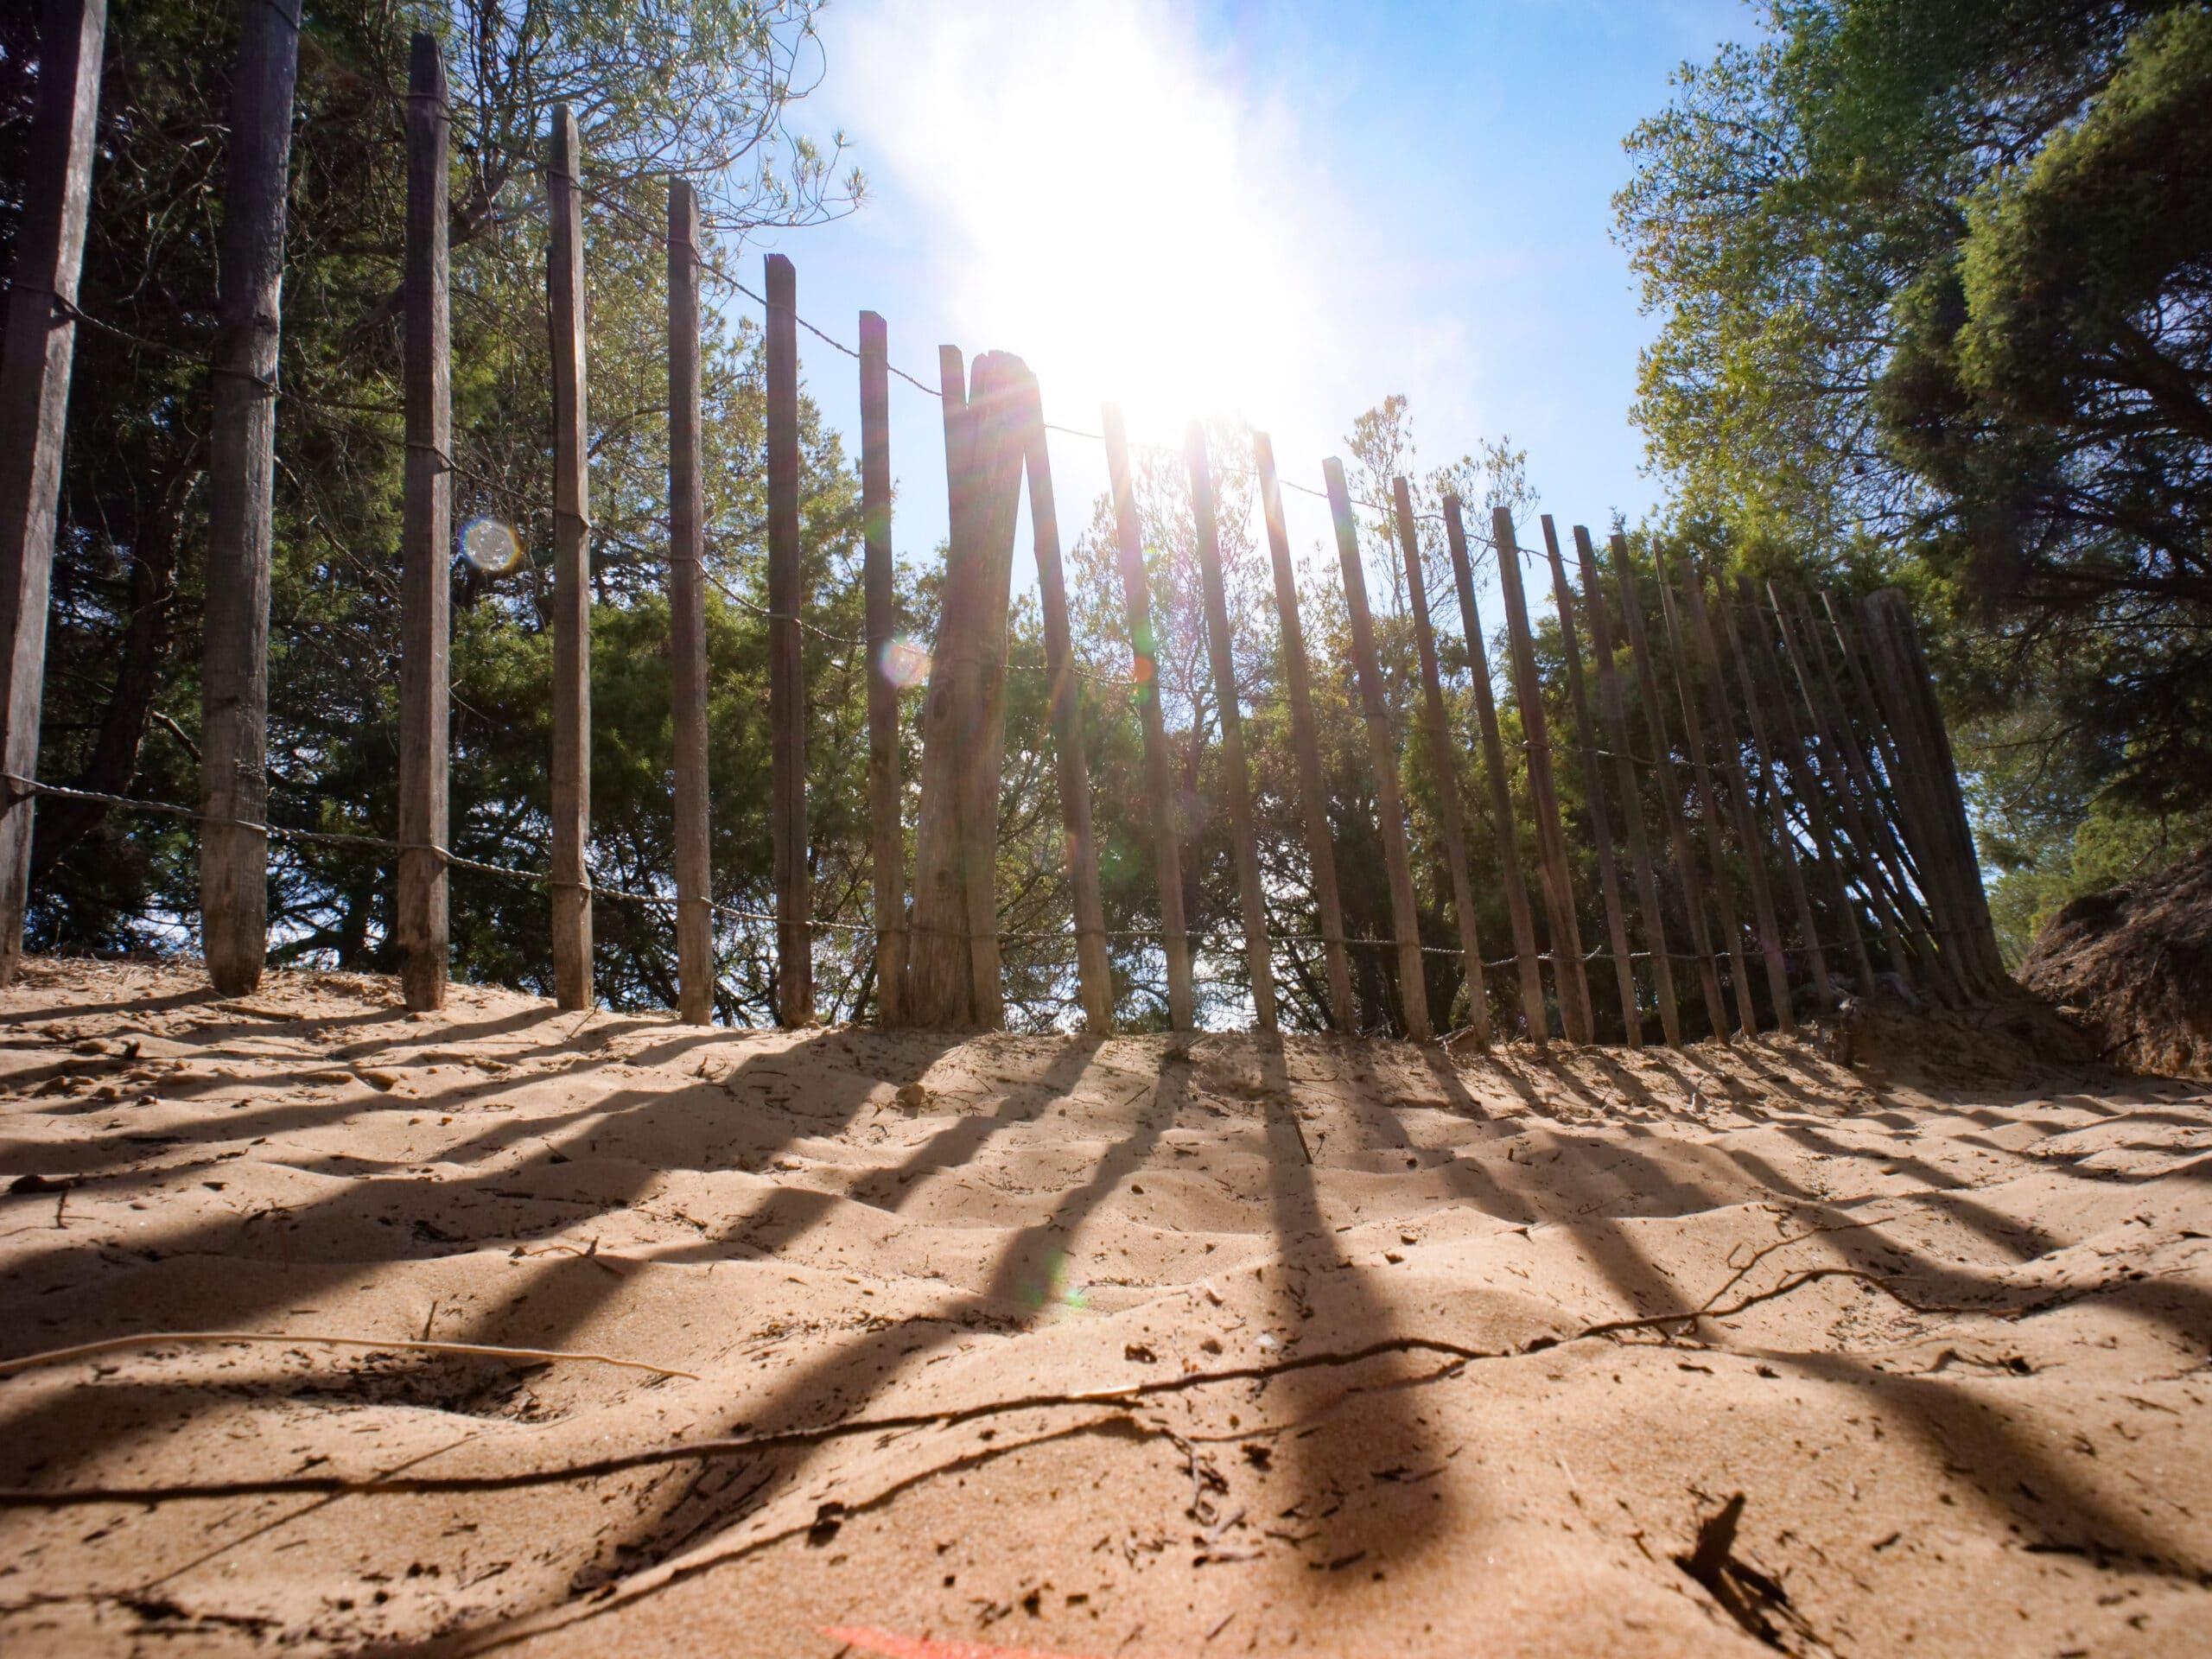 Colline de sable